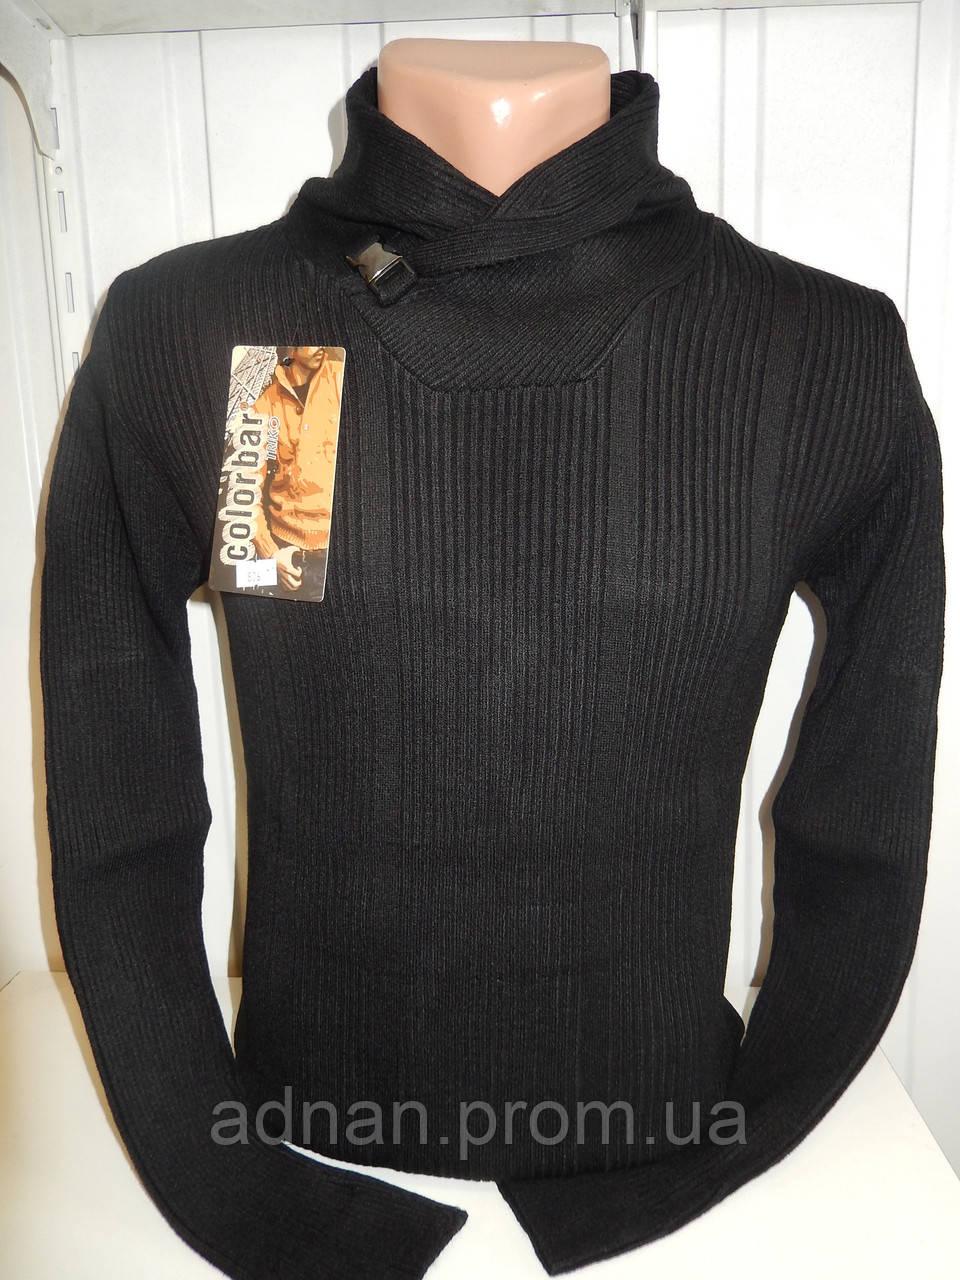 Светр чоловічий COLORBAR, візерунок на фото 008/ купиь светр чоловічий оптом